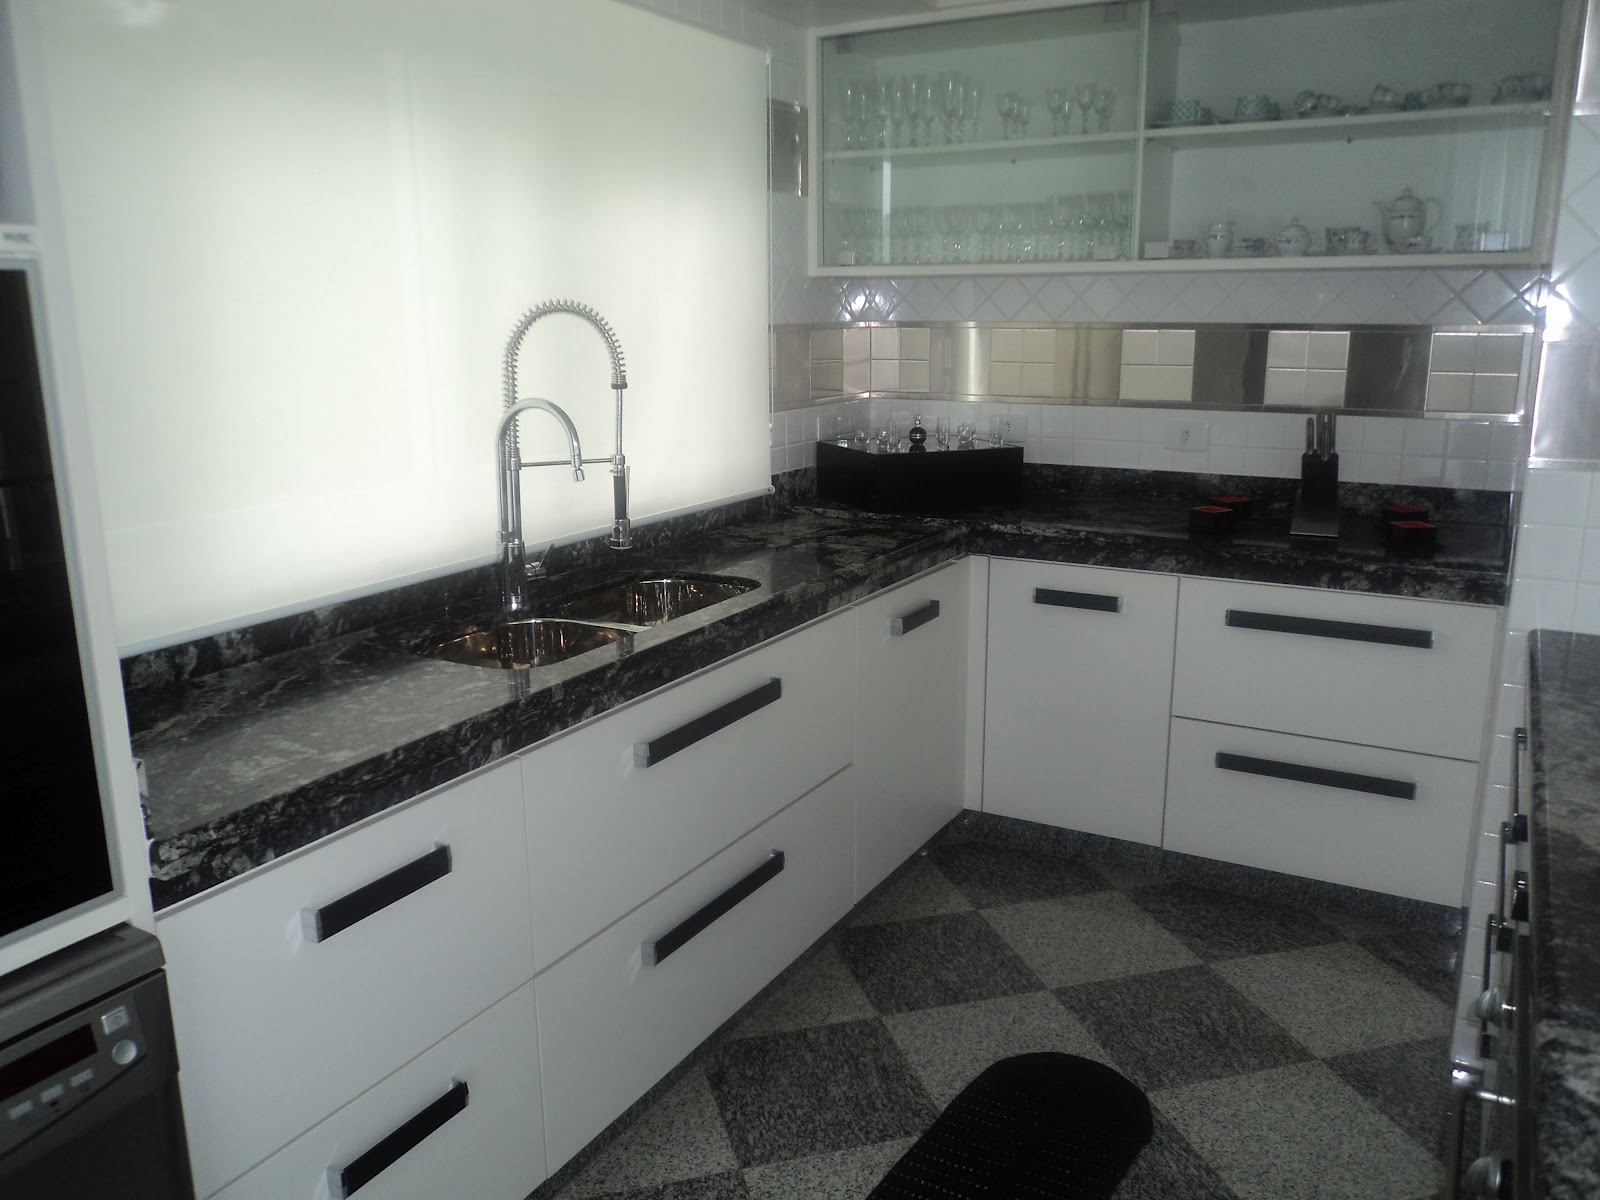 de granito preto indiano com cook top e balcão americano de vidro #62715A 1600 1200